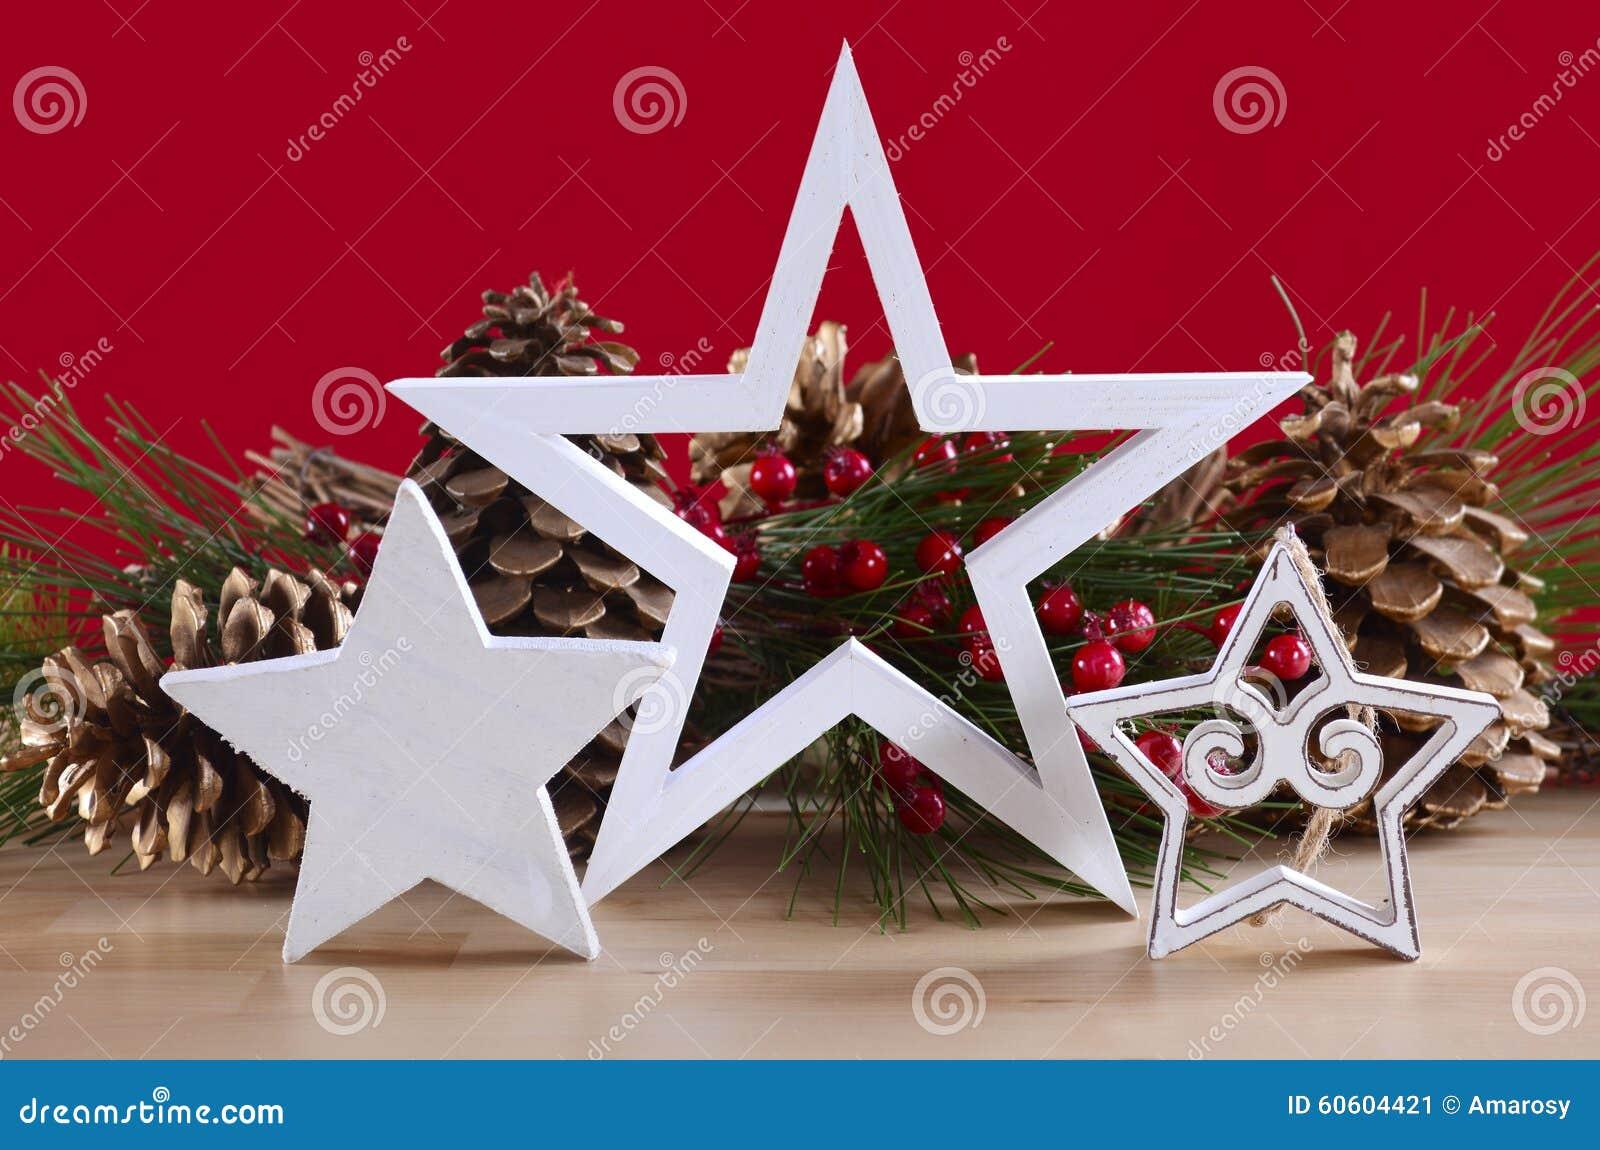 Decorazioni Da Tavola Per Natale : Decorazioni natalizie fai da te per la tavola di natale